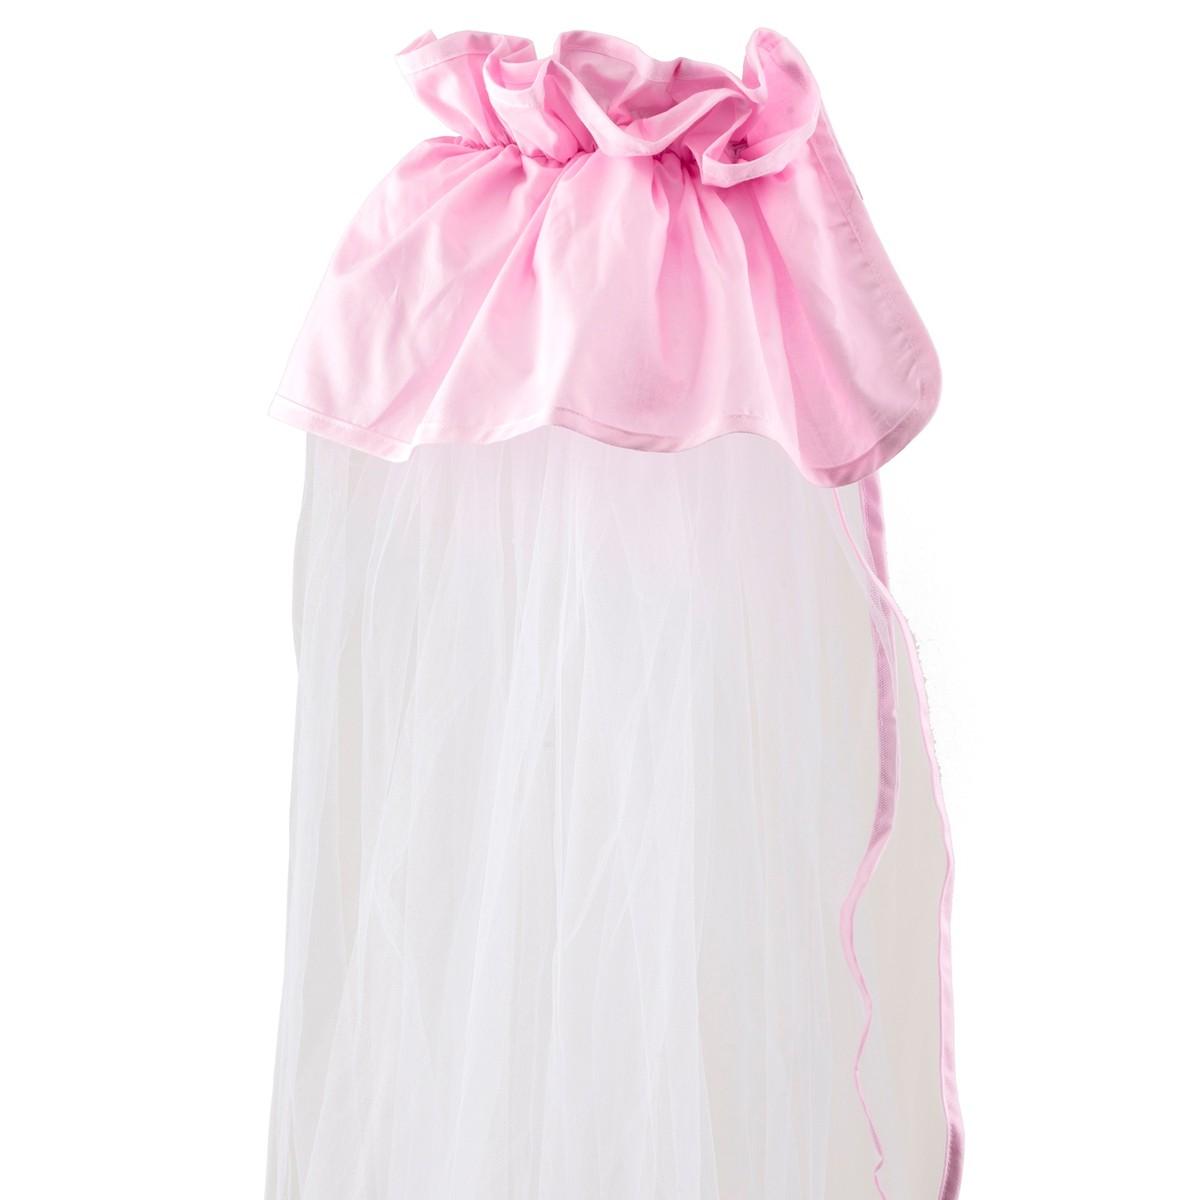 Κουνουπιέρα Κούνιας Κόσμος Του Μωρού Μονόχρωμη 0772 Ροζ